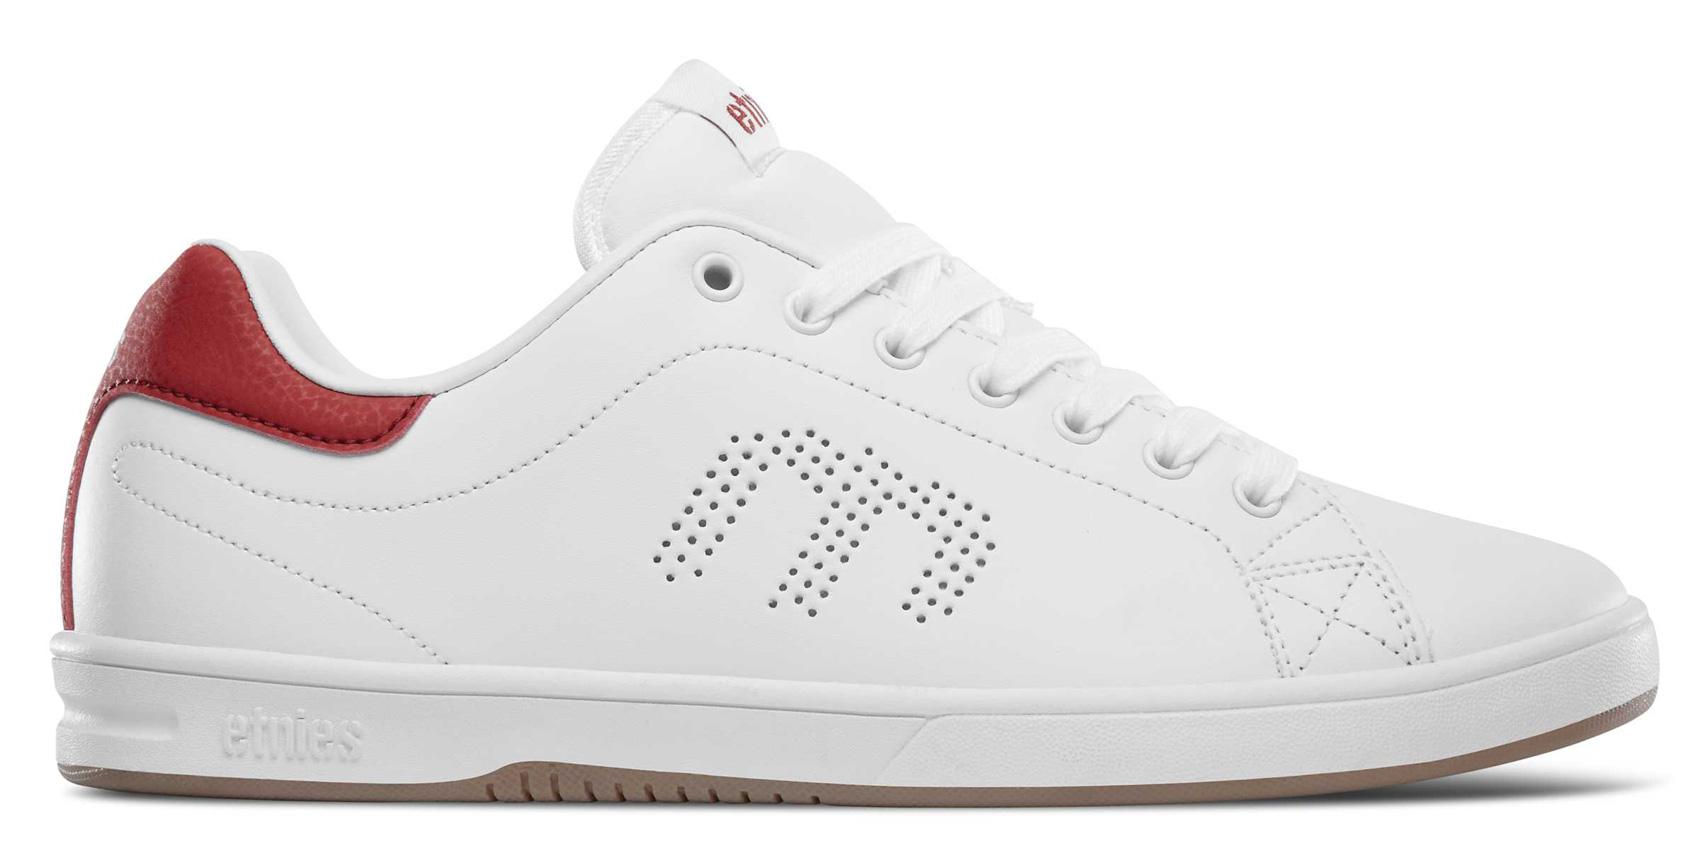 Etnies Chaussures De De De Skate-Callicut LS-Skateboard Baskets Bleu Marine Rouge Blanc 8b02a5